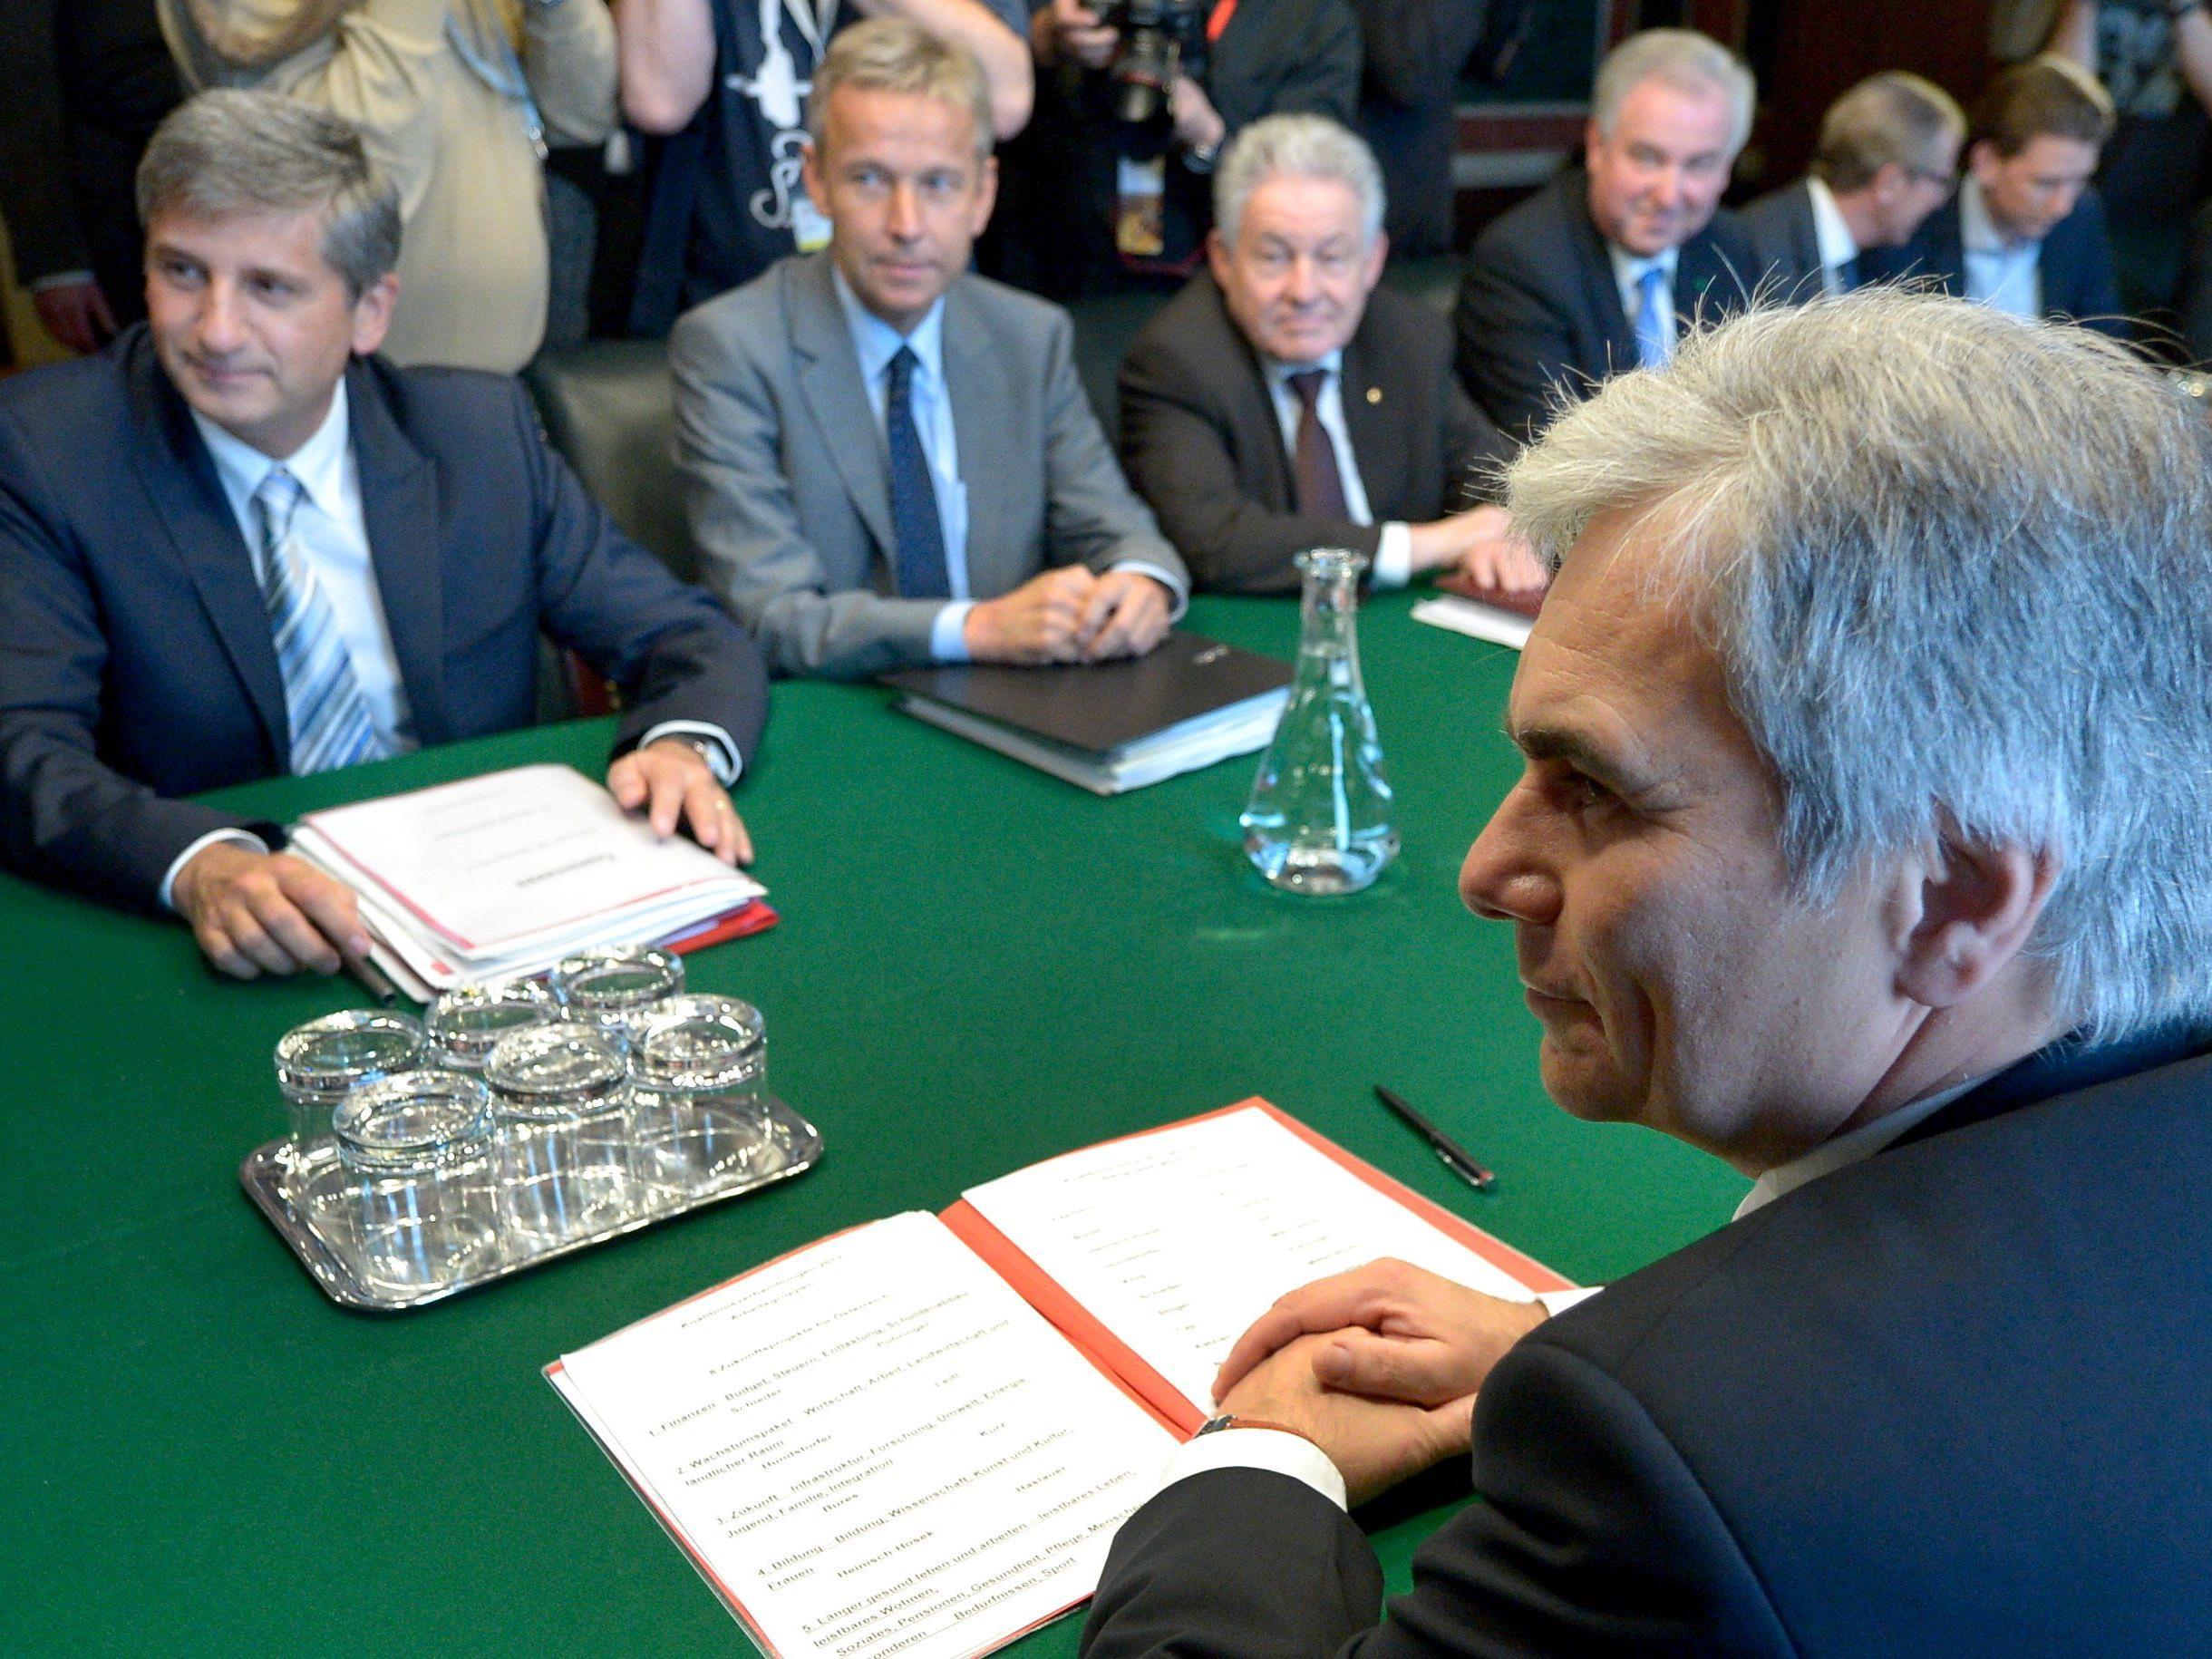 Koalition - Regierungsspitzen verhandeln seit den Morgenstunden